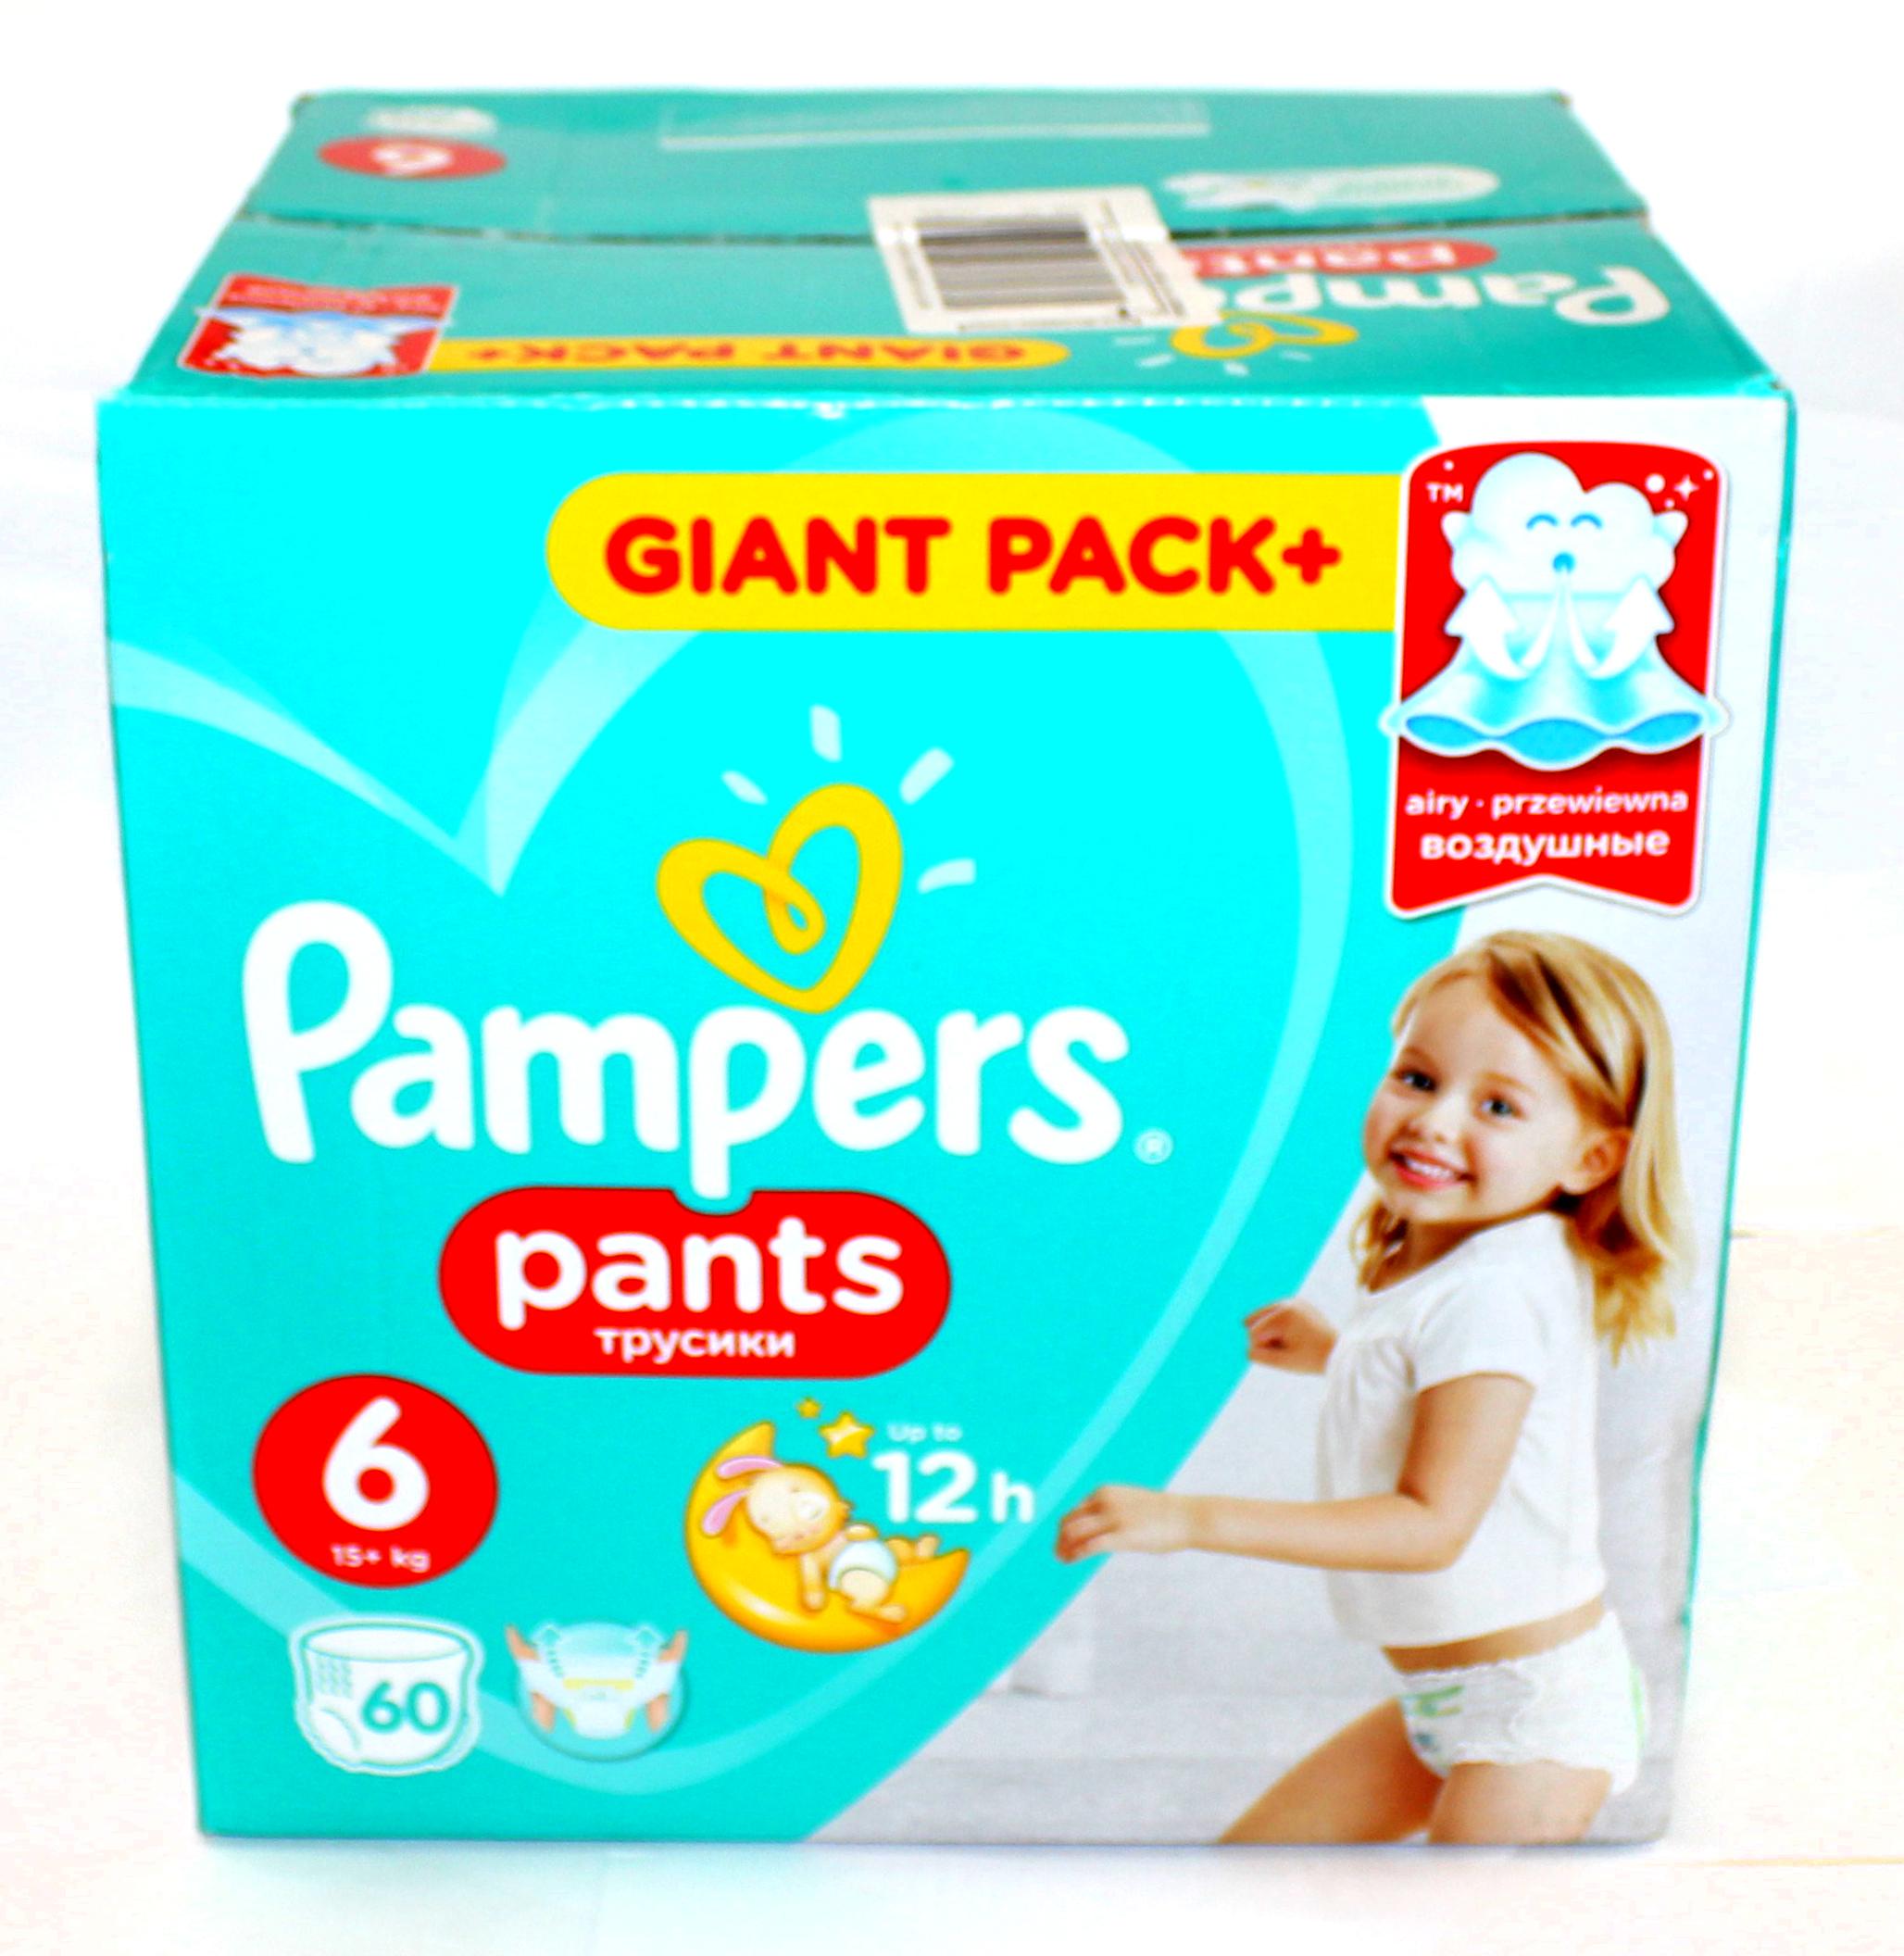 PAMPERS - ТРУСИКИ PAMPERS PANTS S6 60шт 15кг+ 8001090995179